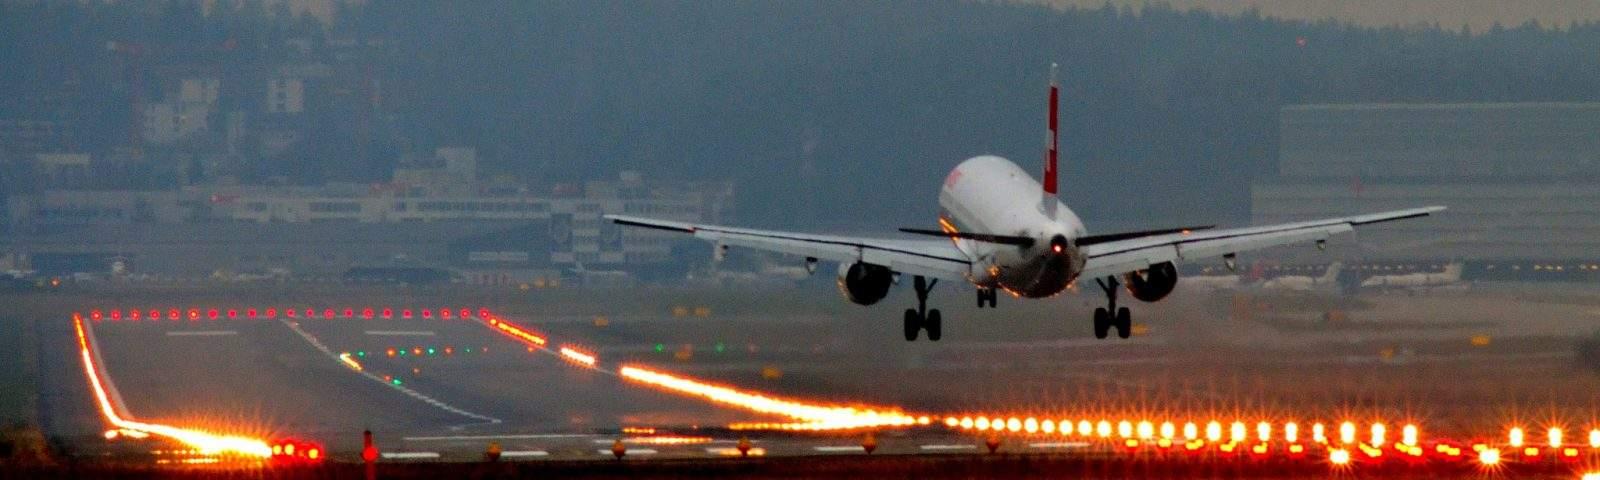 Как забронировать авиабилеты?